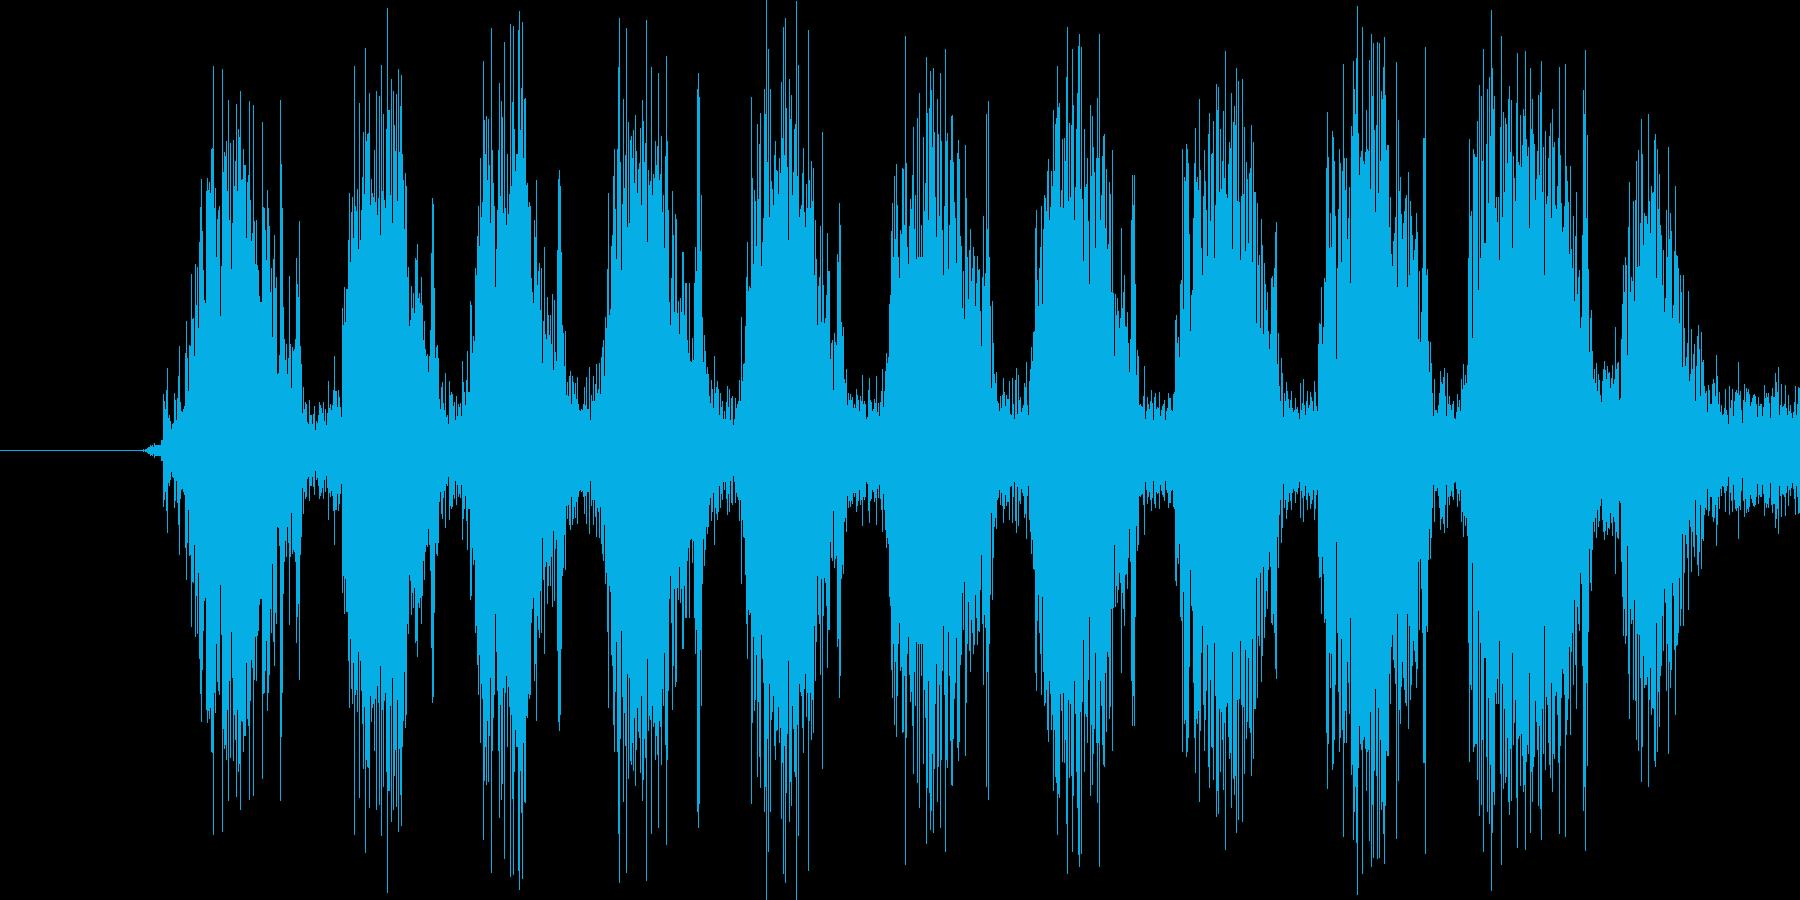 ドドドドドド。銃を連射する音です。の再生済みの波形